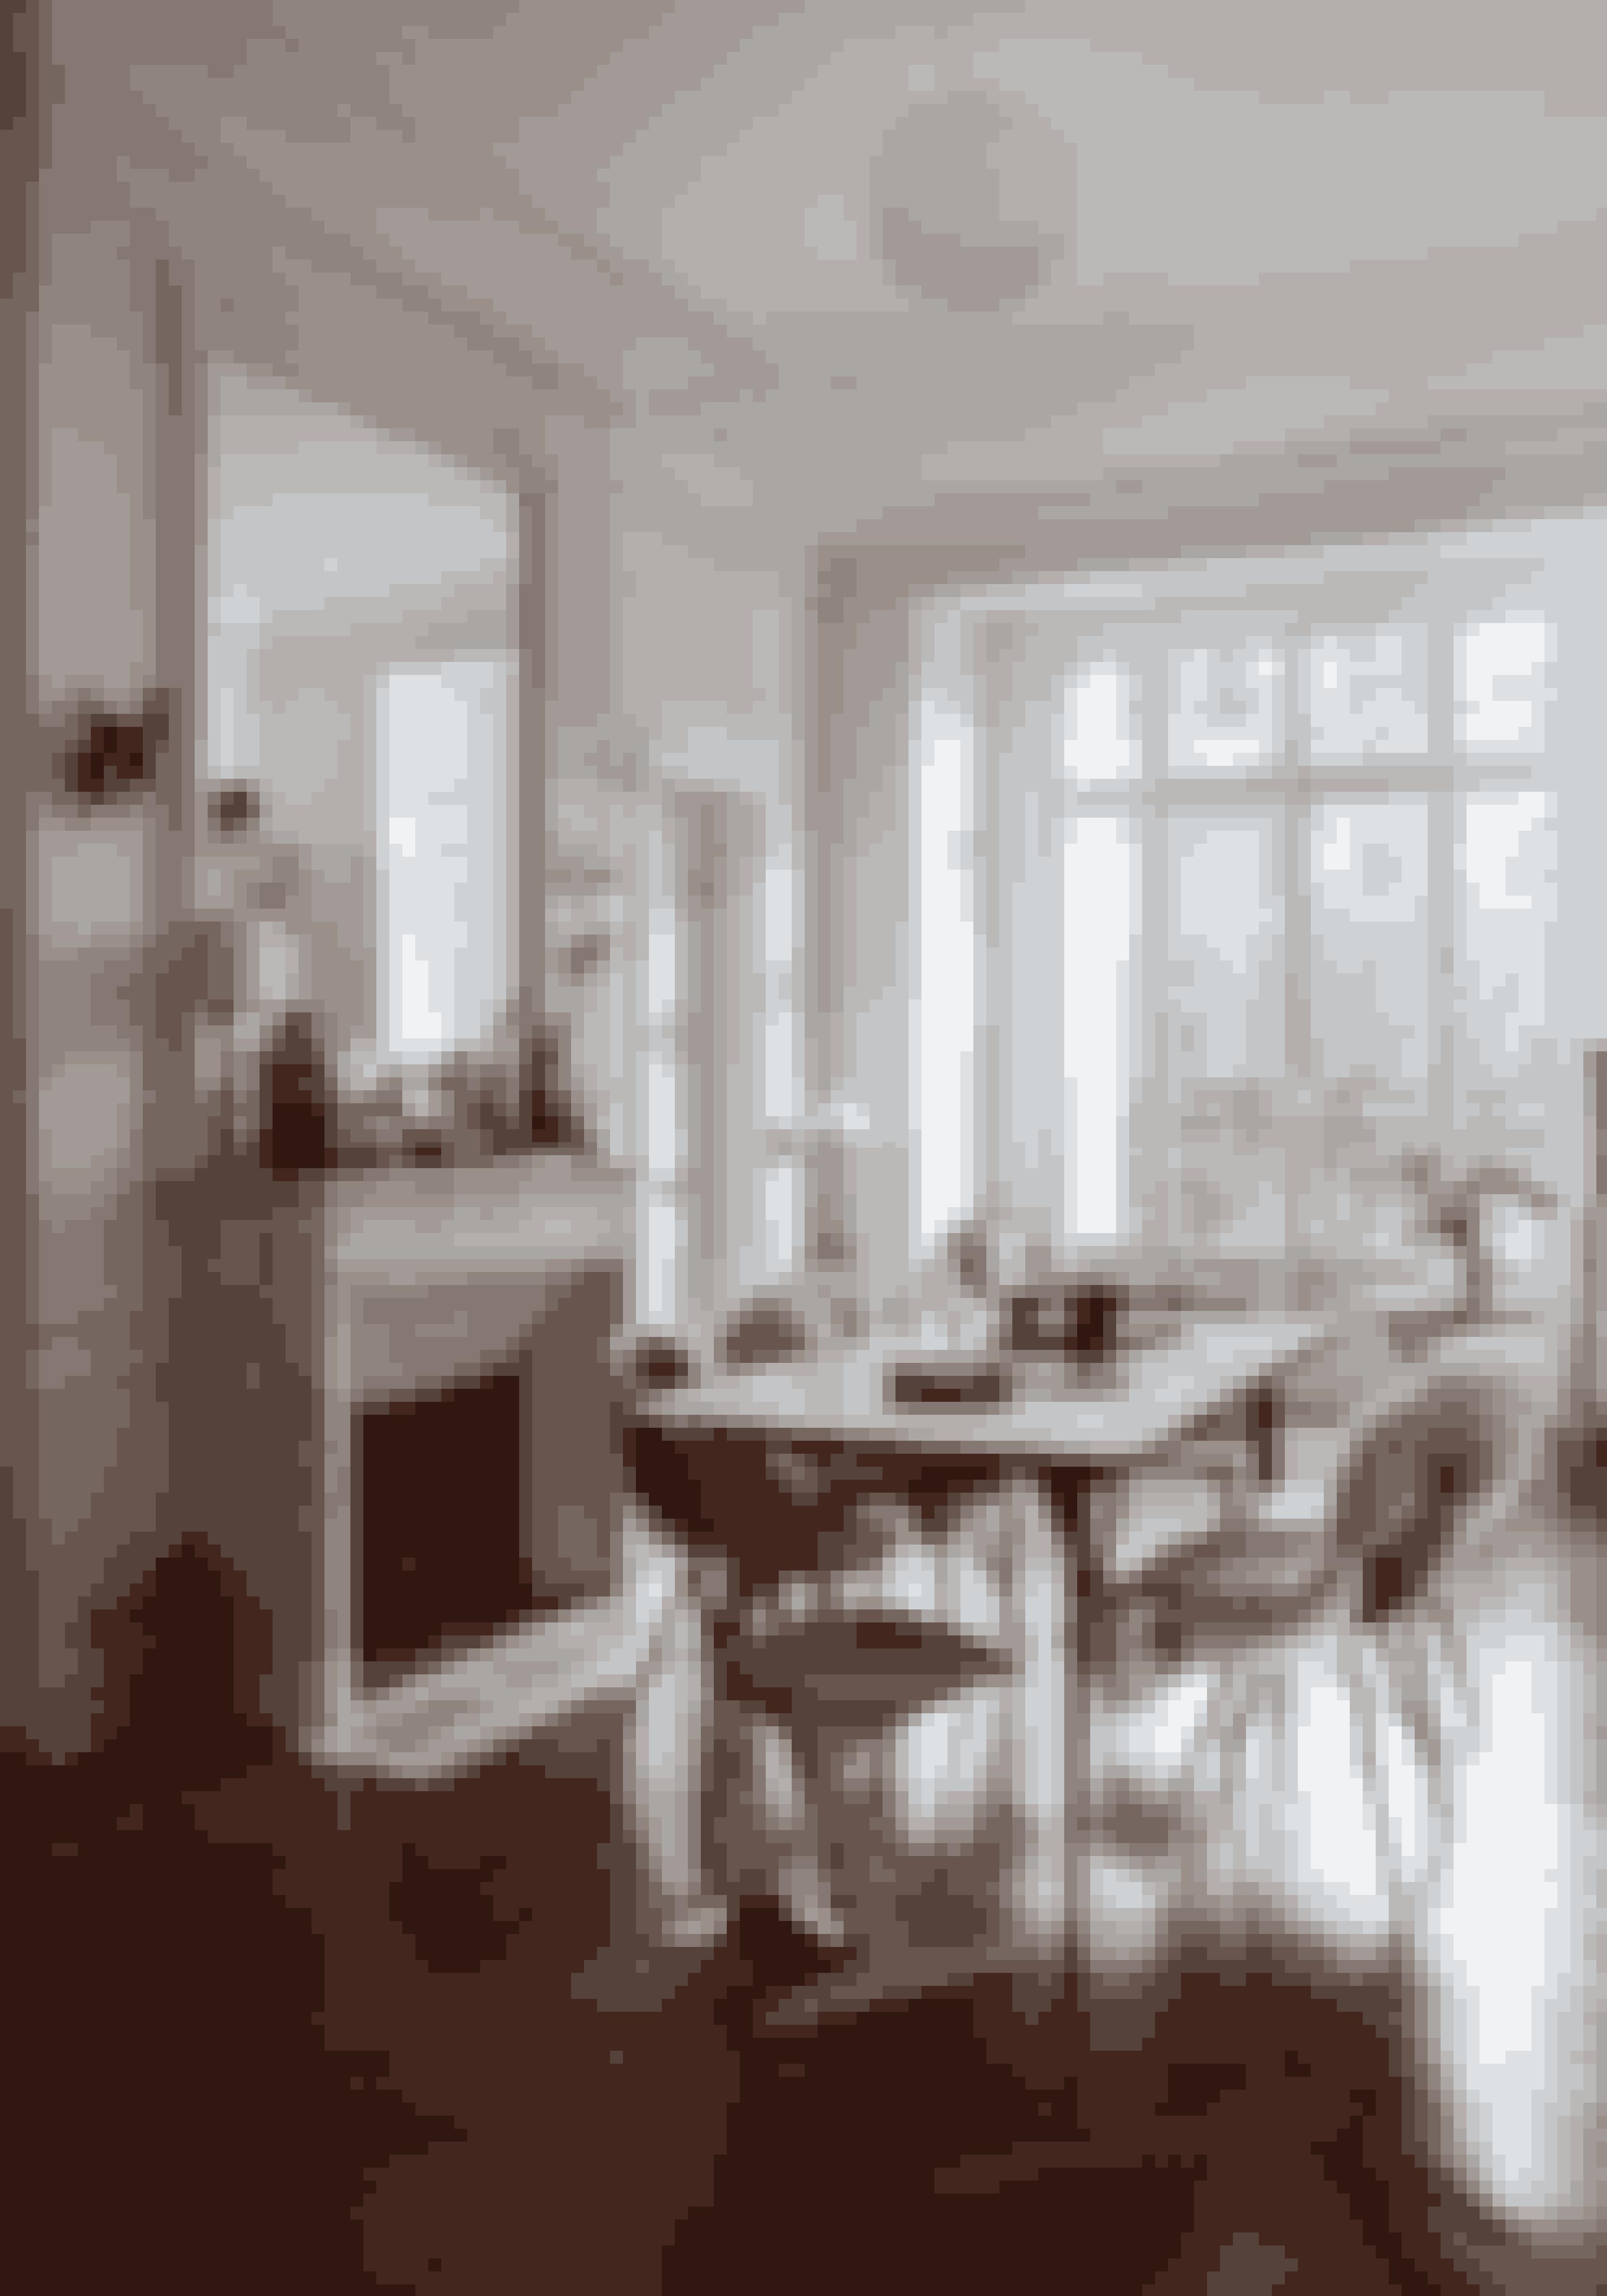 Brug store spejle til at få rummet til at virke større som her. Det indbyggede gigant-spejl var her allerede, da Véronique Campardou flyttede ind. Skind over stole er en nem måde at give et rum varme og en naturlig atmosfære på.